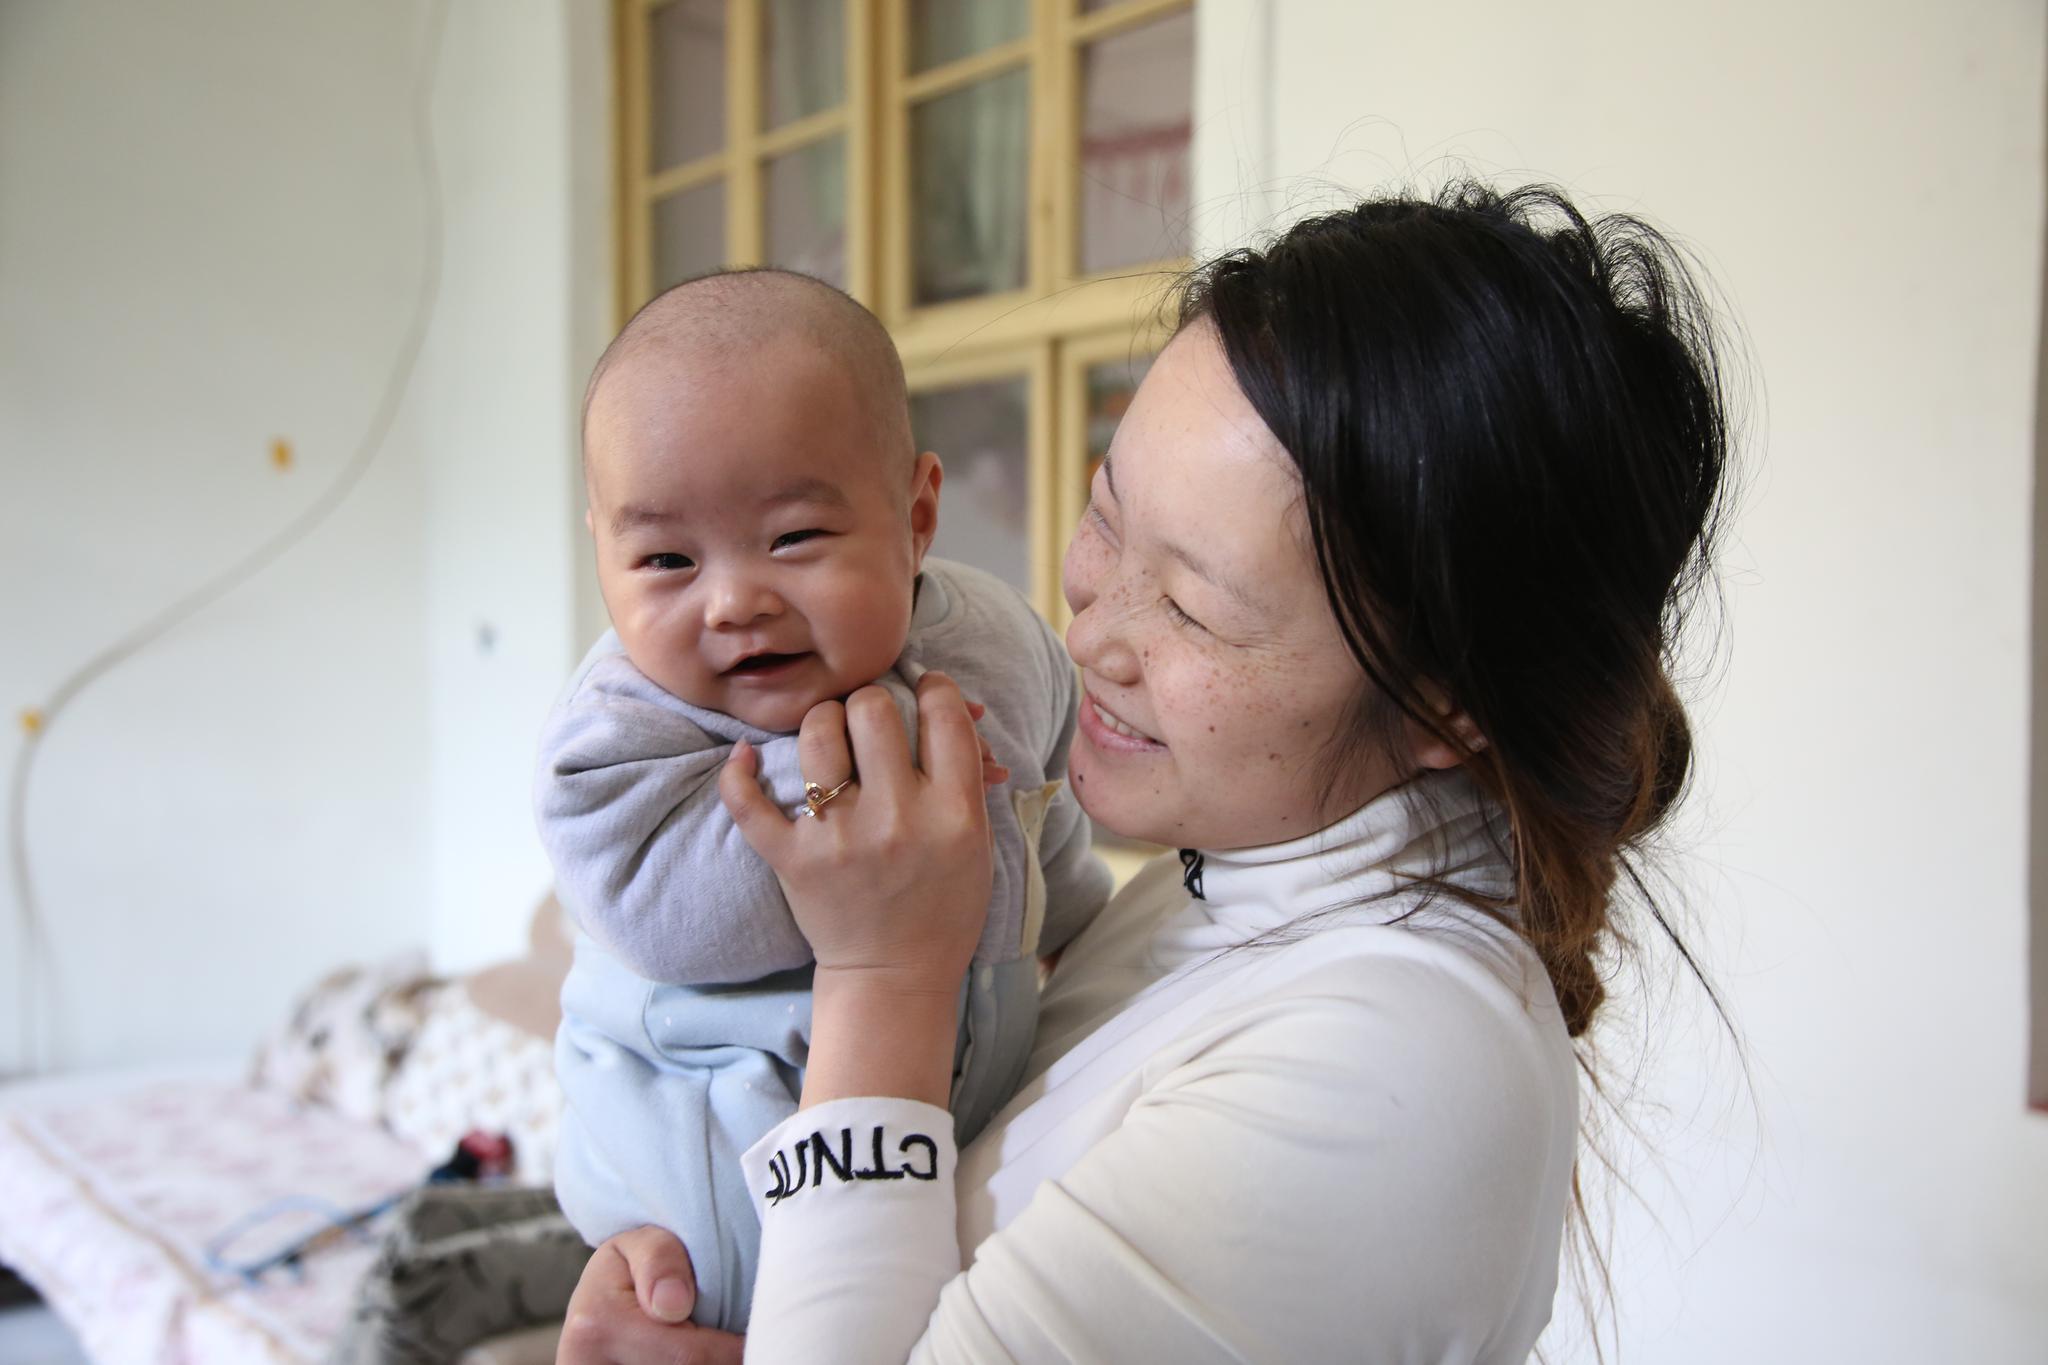 不孕多年,山东专业不孕不育医院提供诊疗一朝得子